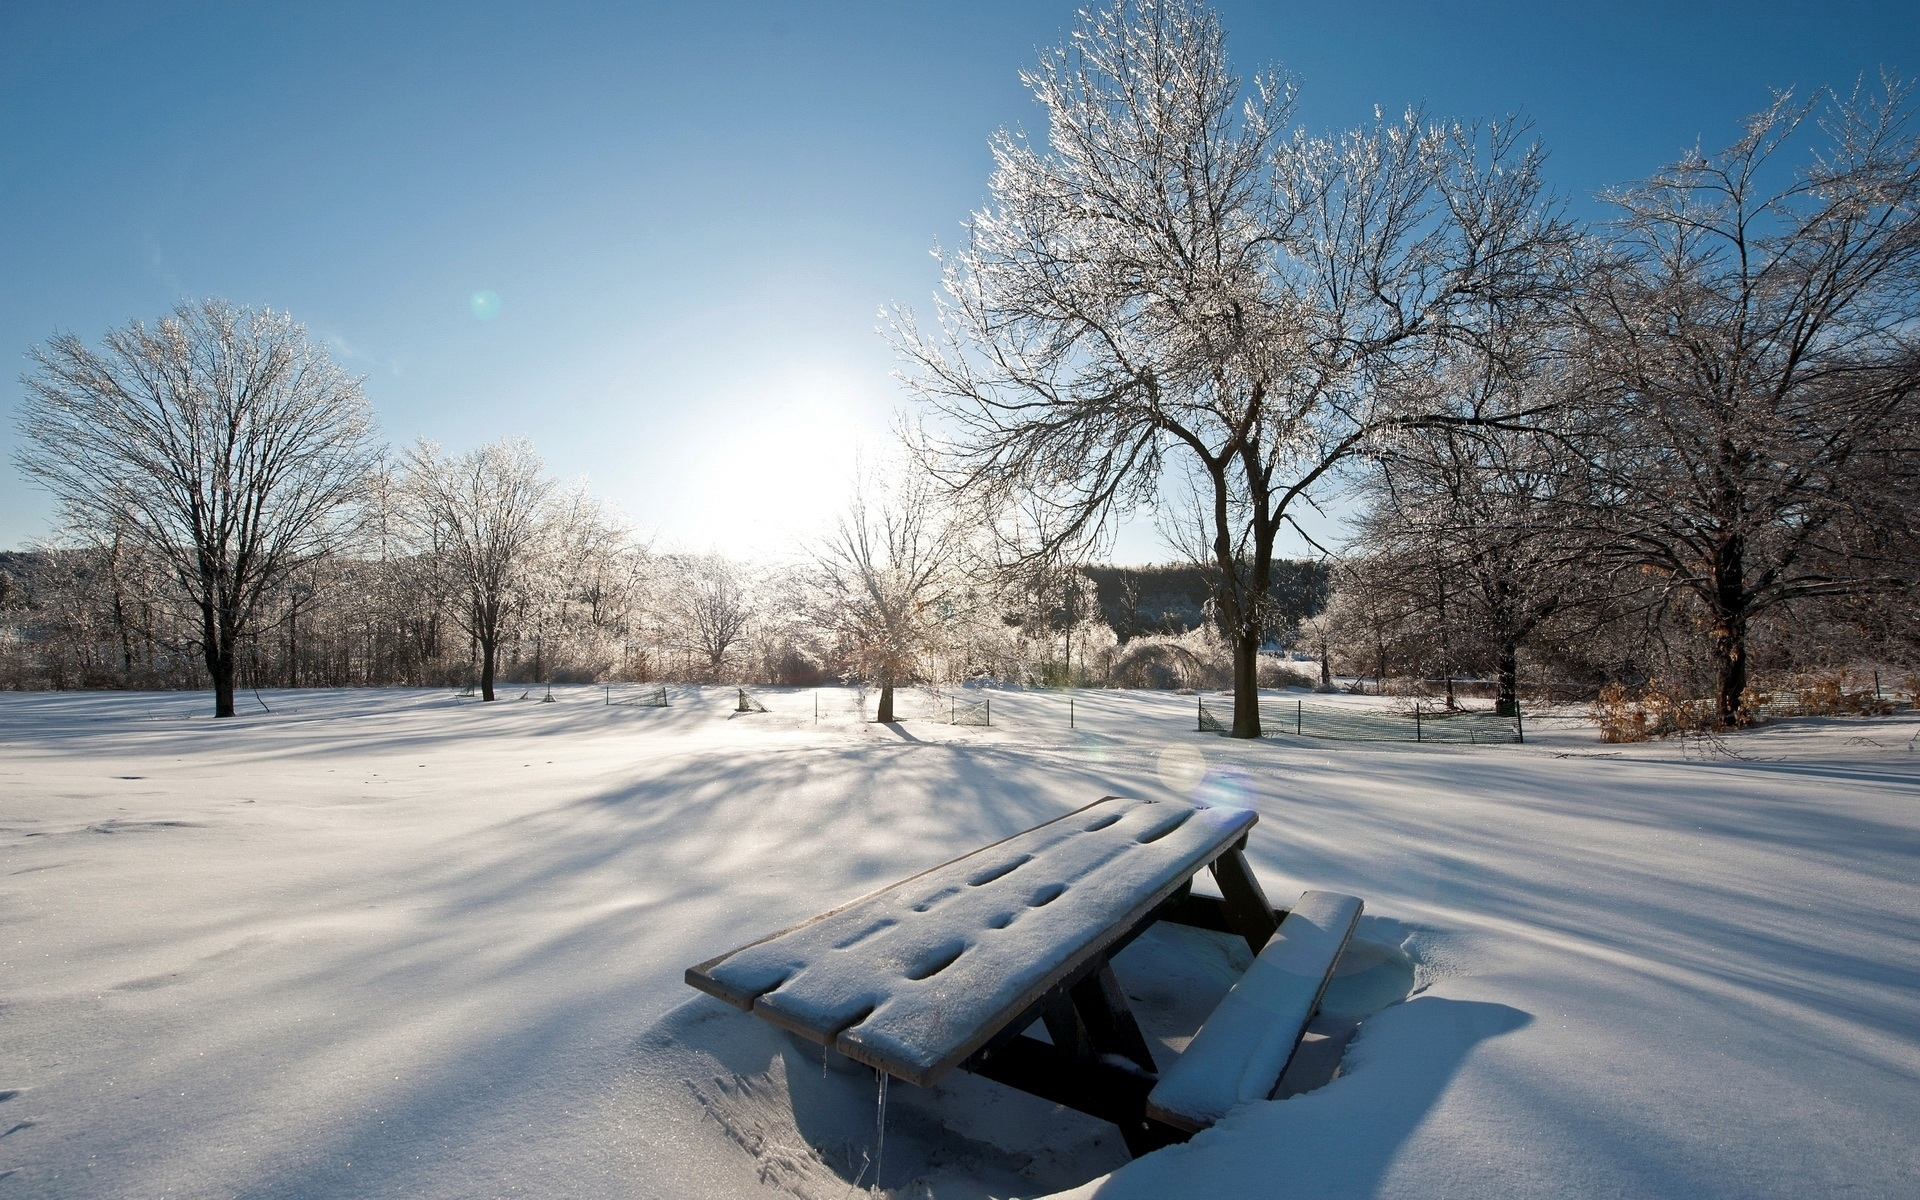 Солнечная Зима Обои Для Рабочего Стола